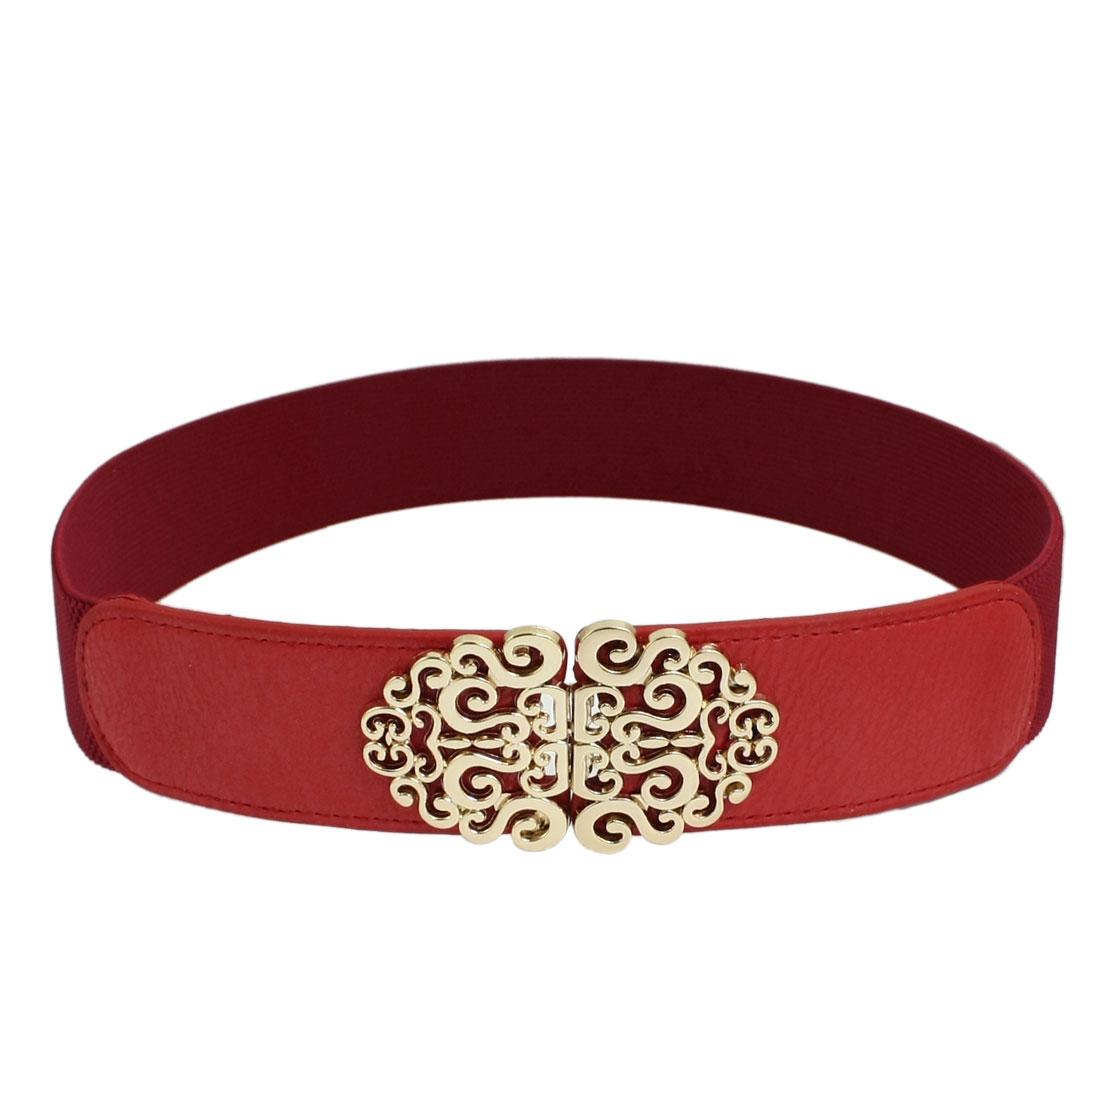 Ladies Gold Tone Interlocking Buckle Red Waist Belt Corset Band Cinch